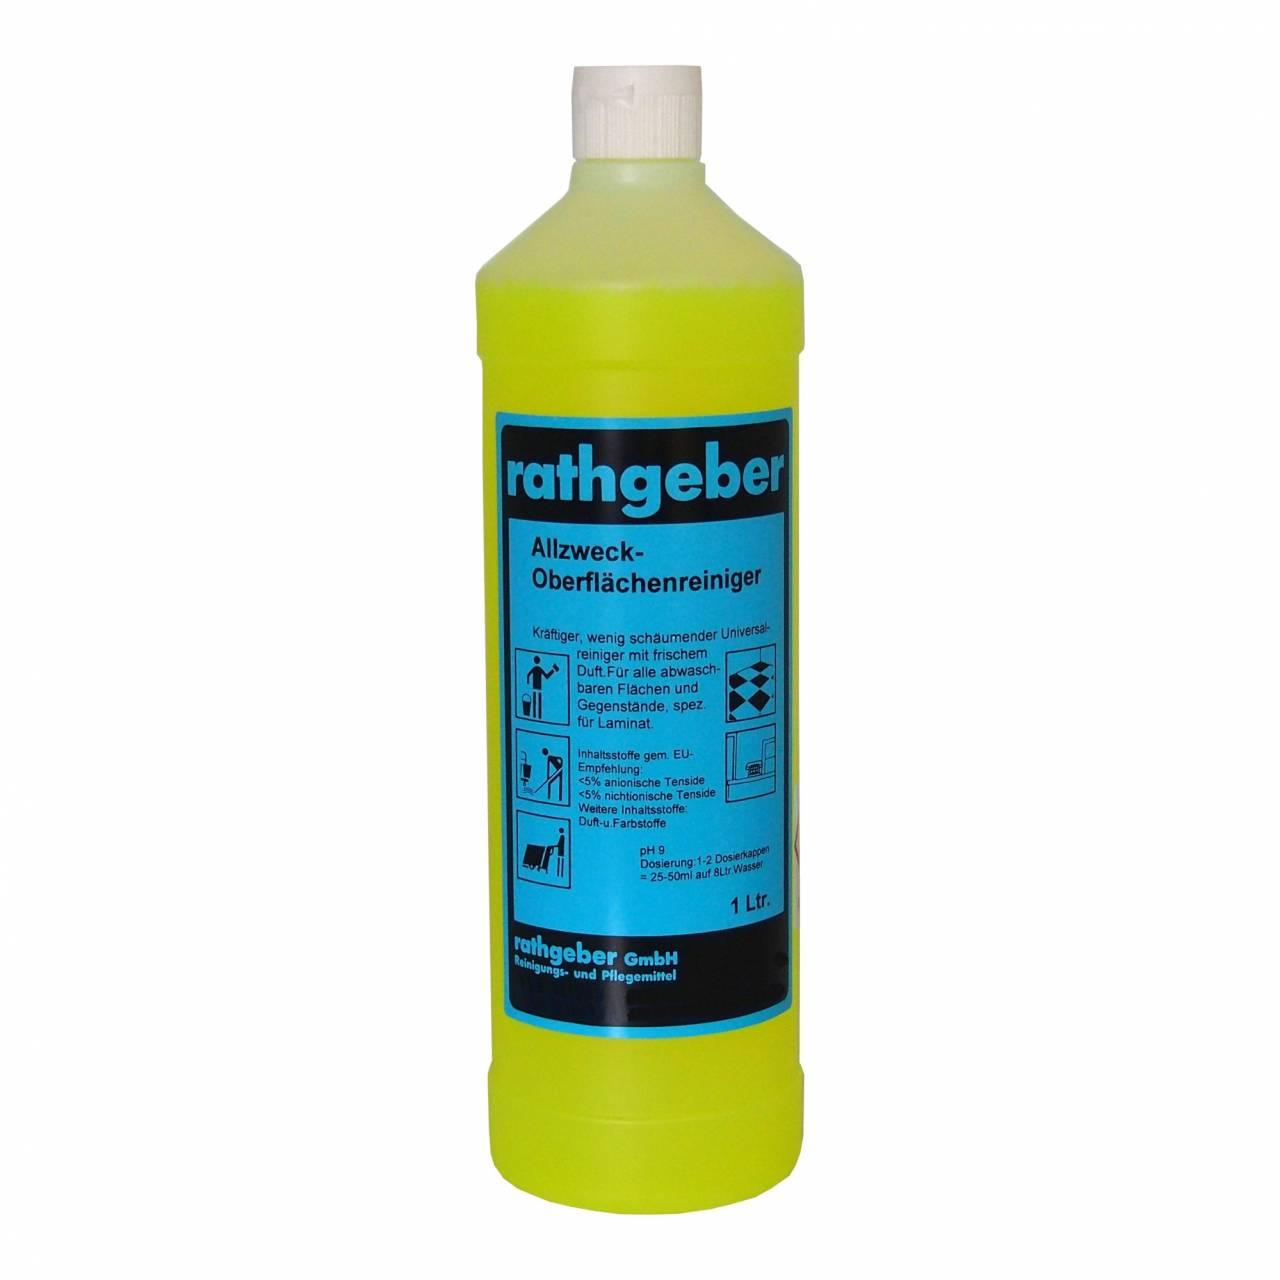 Allzweck-Oberflächenreiniger 1,0 l PET-Flasche